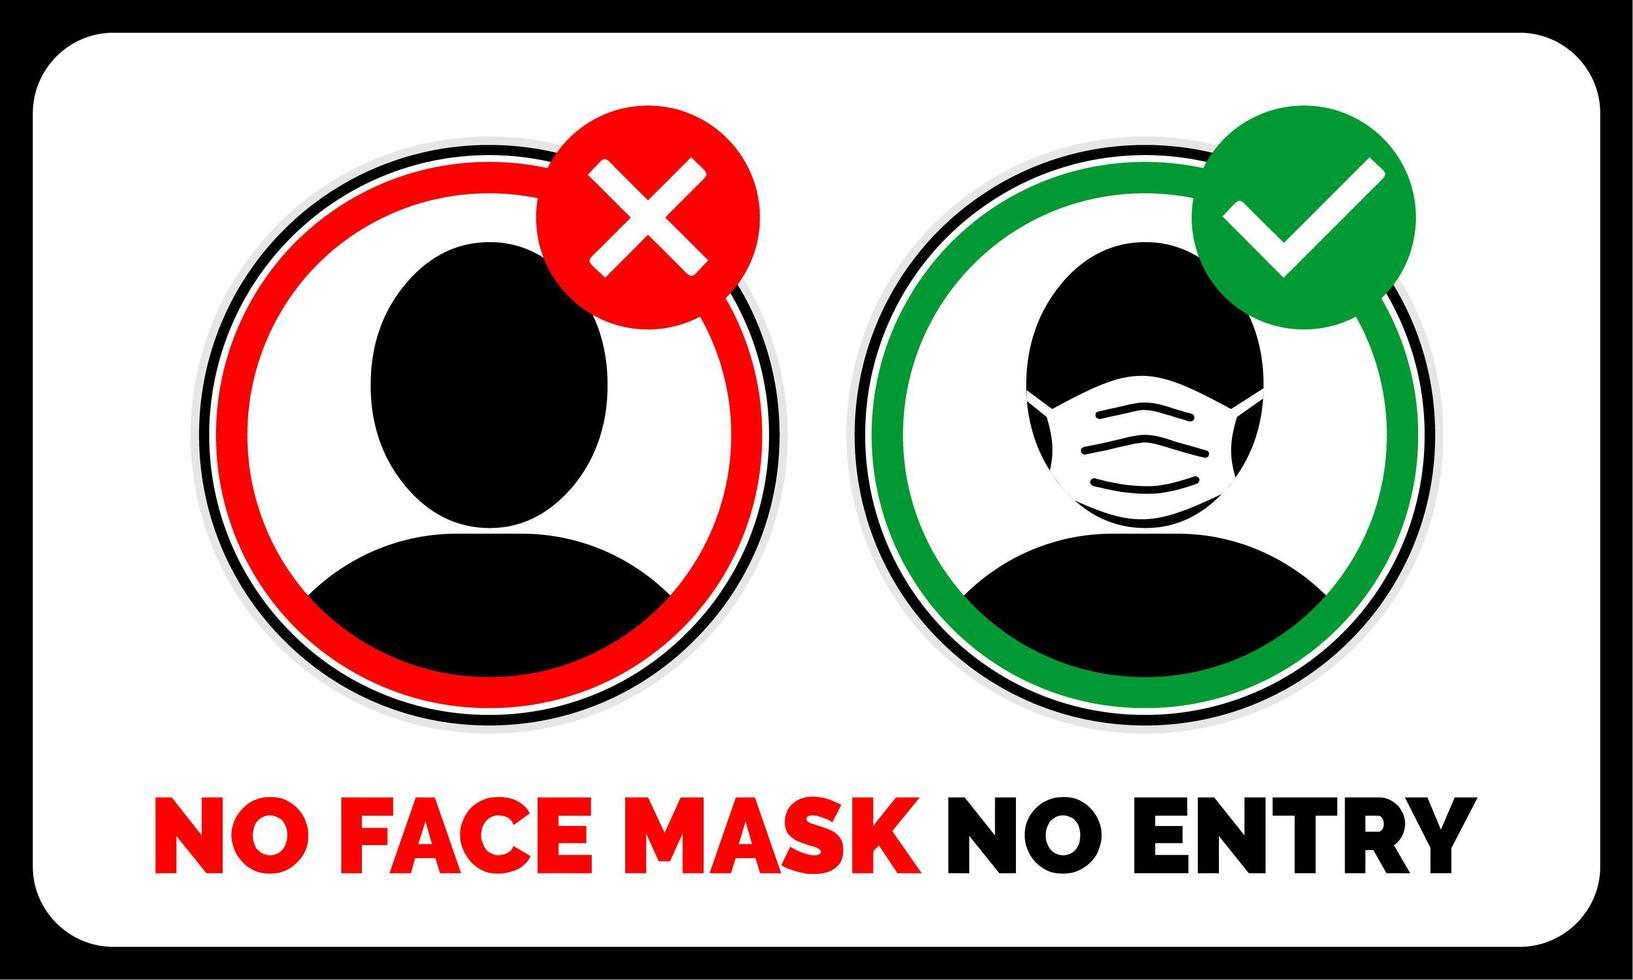 geen gezichtsmasker, geen toegangswaarschuwing vector